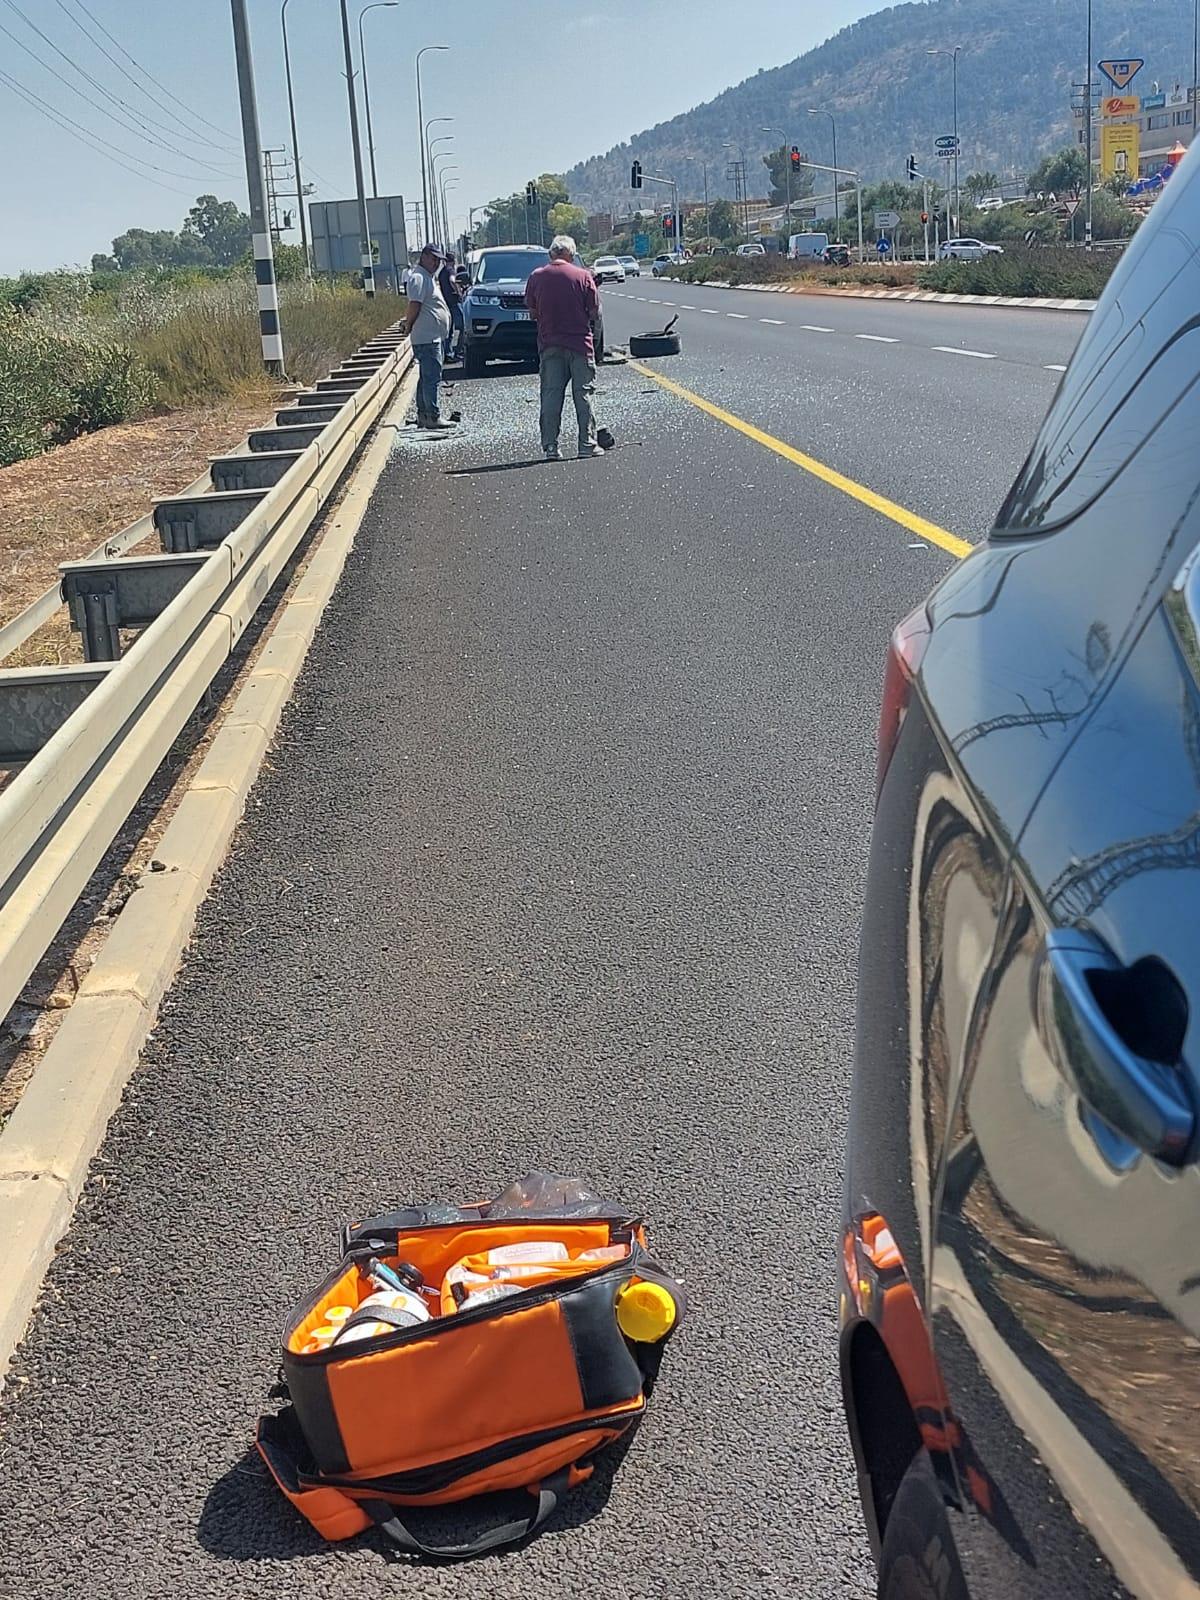 תאונת דרכים בין רכב פרטי לאוטובוס סמוך לצומת כח שני פצועים קל